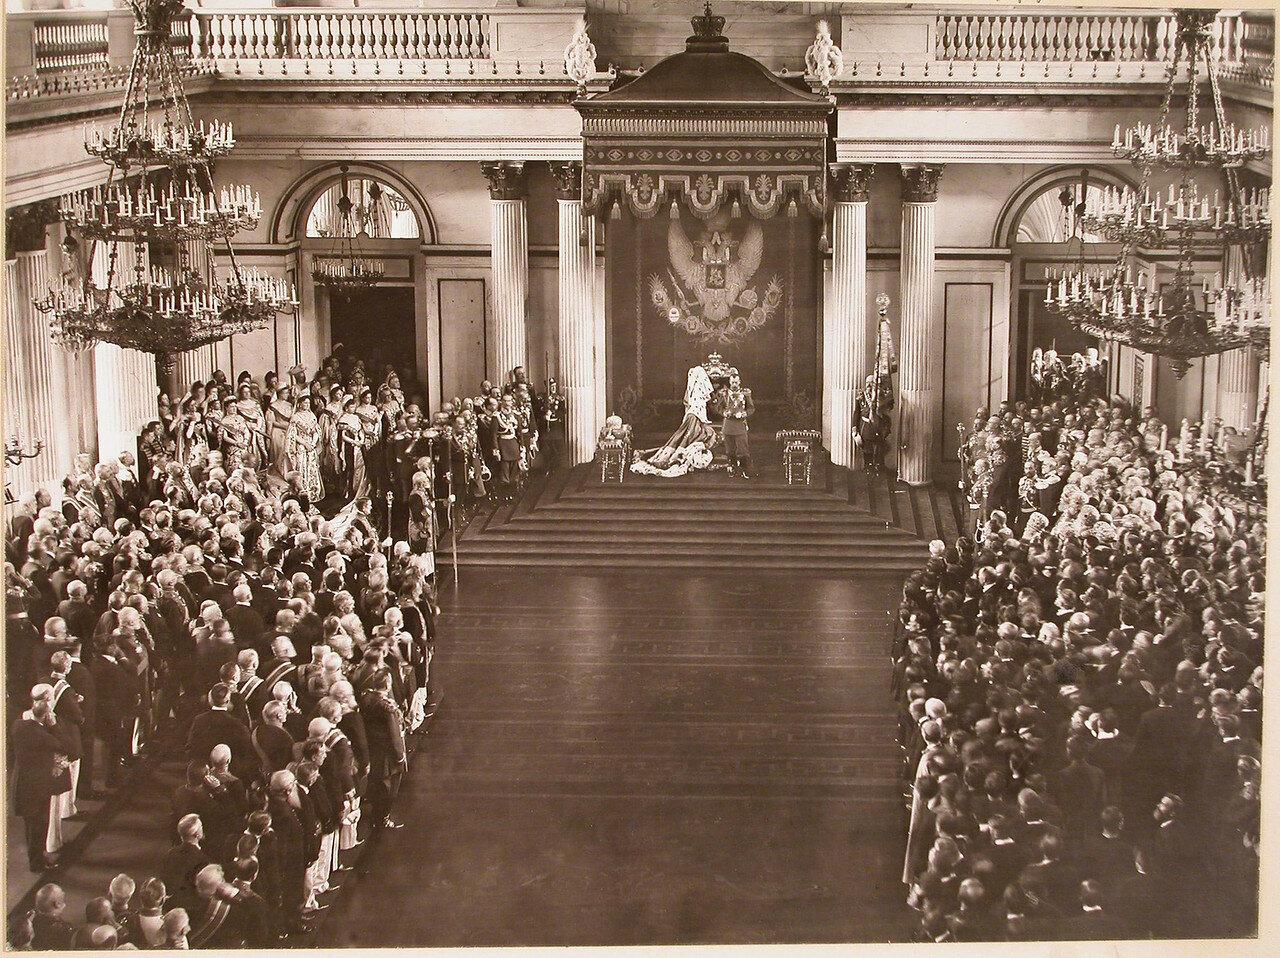 Император Николай II читает приветственное слово в день открытия I Государственной Думы в Георгиевском зале Зимнего дворца; слева (среди женской свиты великих княгинь, статс-дам, фрейлин) императрица Александра Федоровна